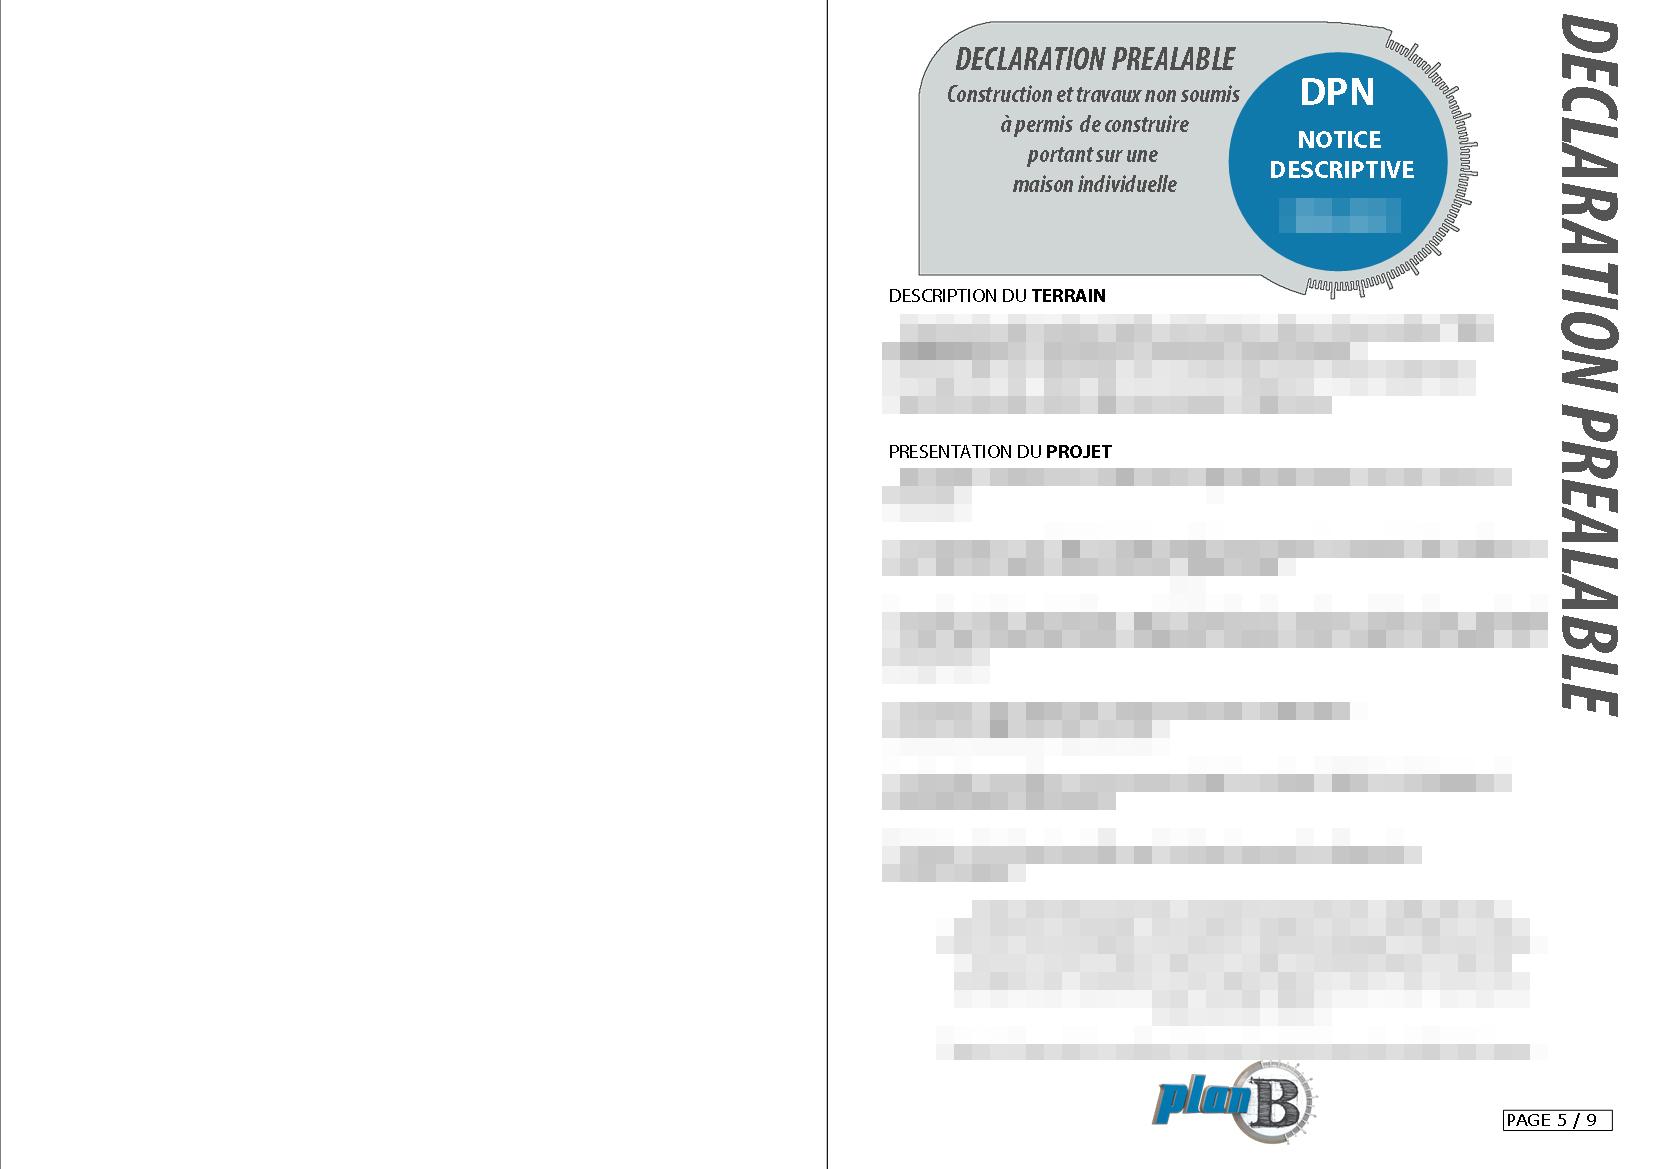 Declaration Prealable De Travaux Plan B Dp Lyon 69 42 01 71